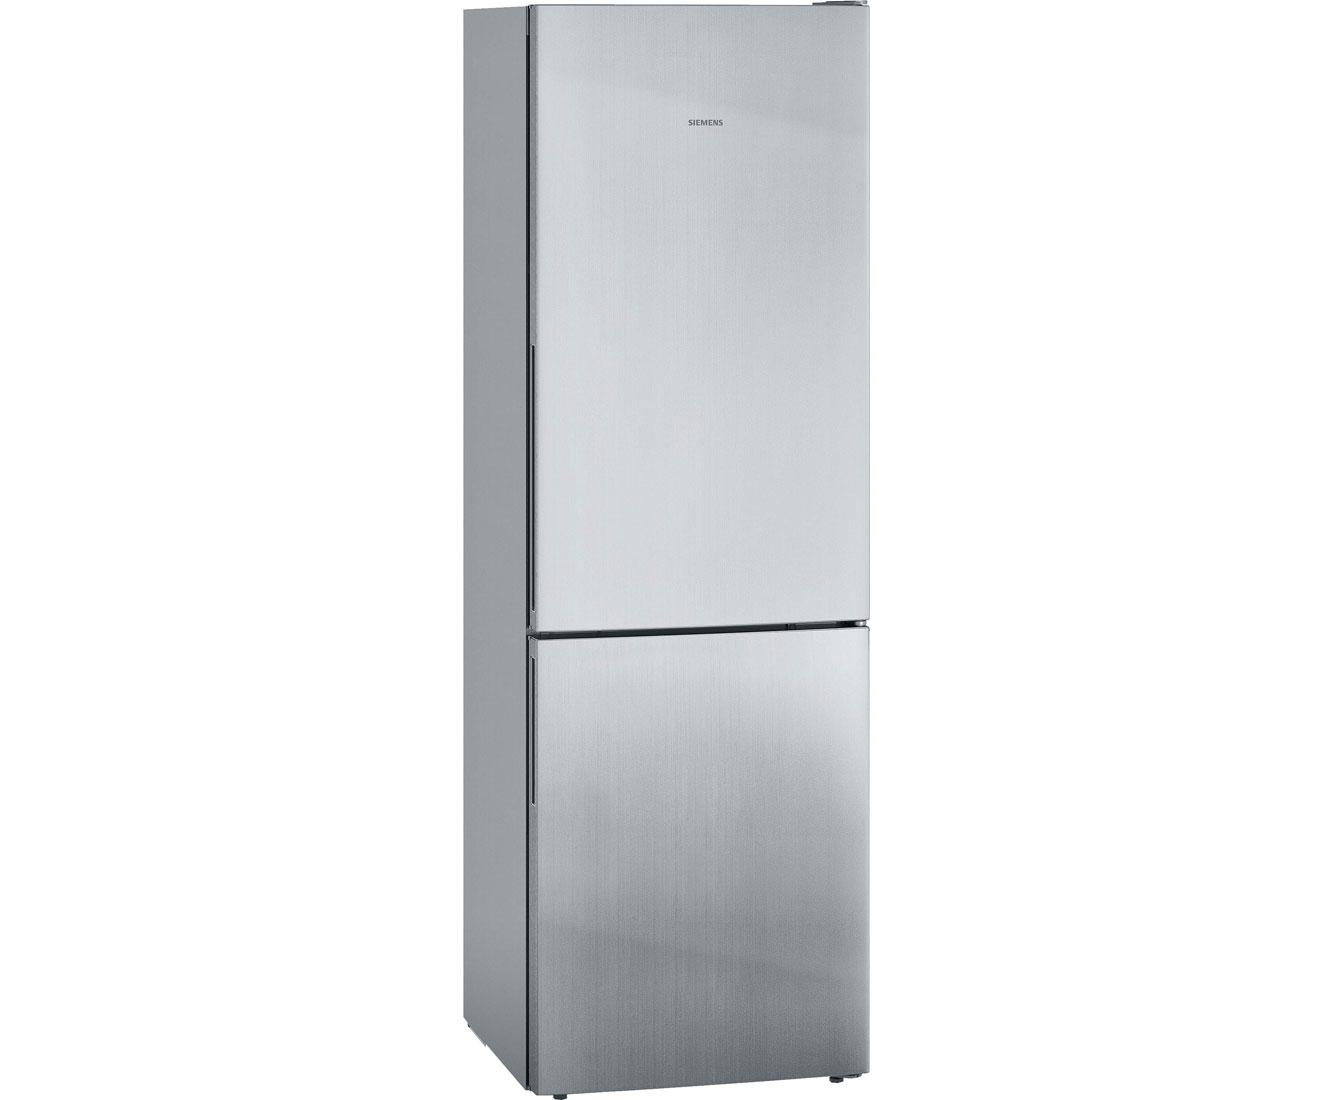 Wolkenstein Retro Kühlschrank Test : Roller kühl gefrierkombis online kaufen möbel suchmaschine